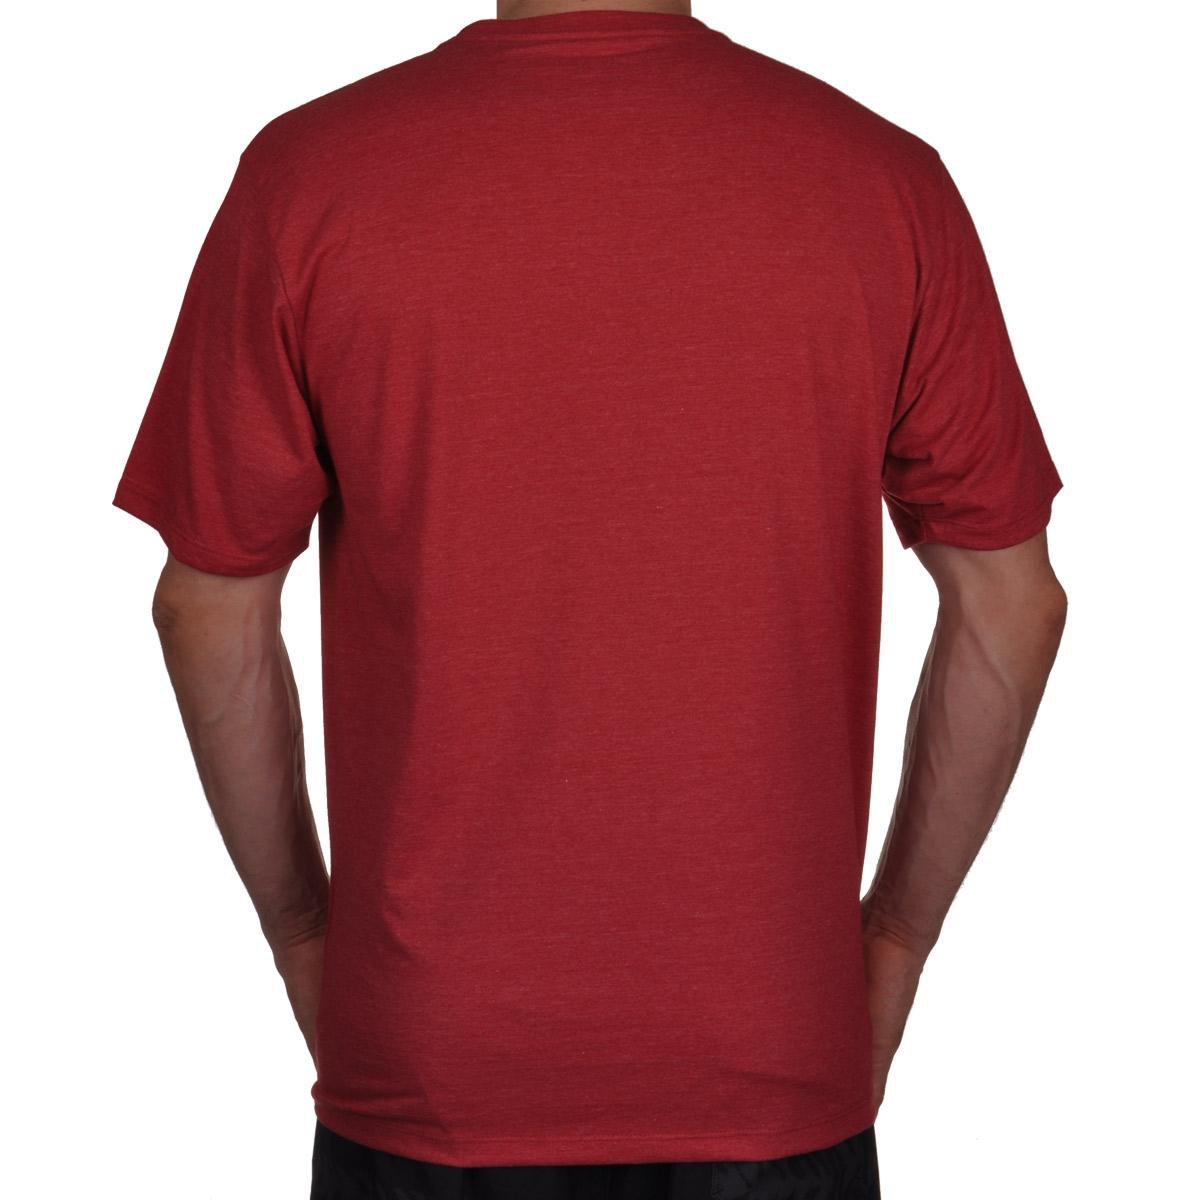 Camiseta O Vermelho Camiseta Vermelho amp;O Silk O Silk amp;O Masculino Hurley Masculino Hurley xO1dXwxnT